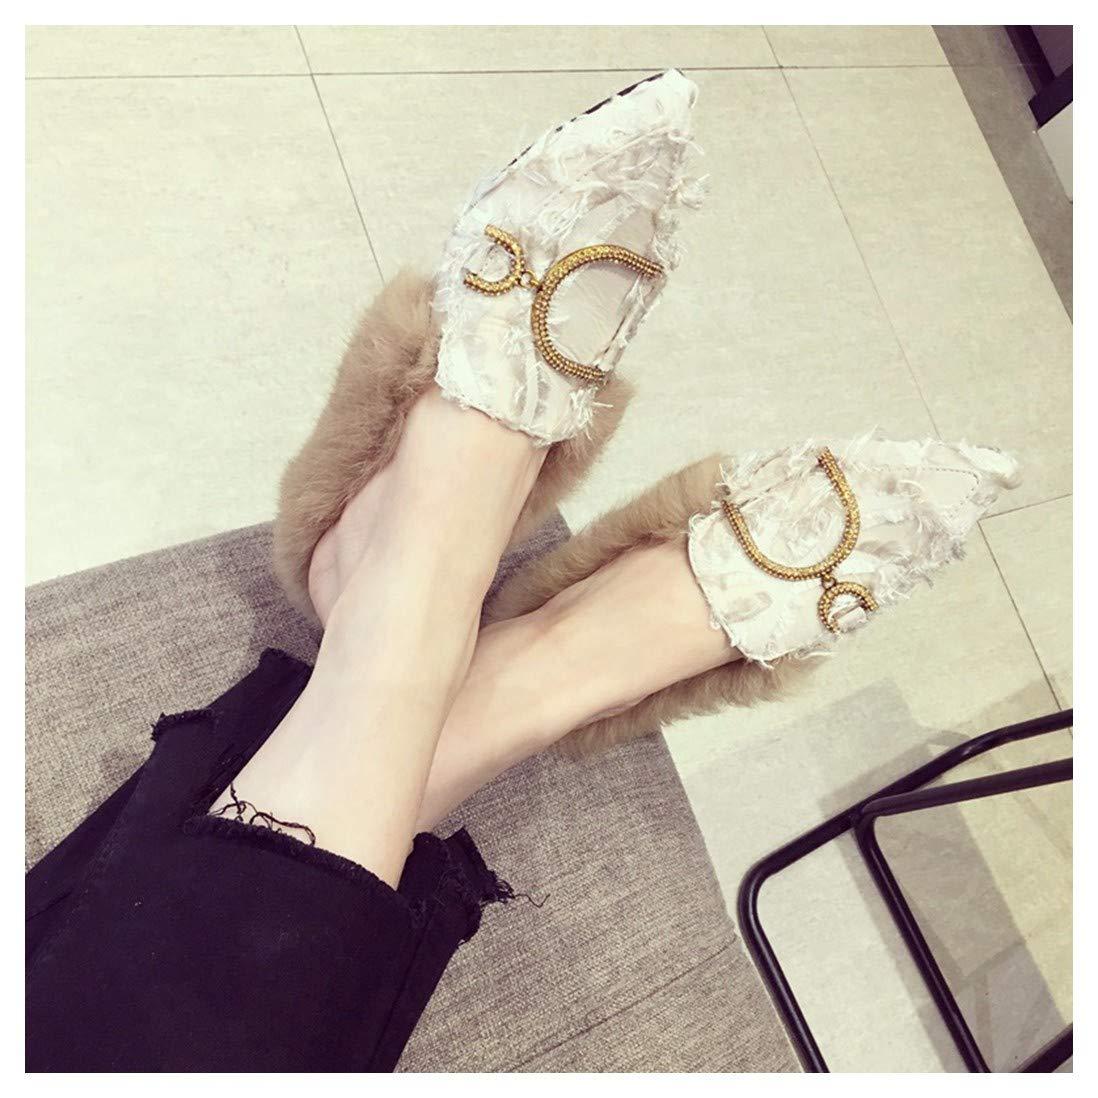 OMFGOD Señoras Moda Botones De Metal Zapatillas Comodidad Cuero Cuero Cuero Piel Artificial Caucho Fondo Plano Ocio Miller Zapatos,Apricot,39 c8a5b6